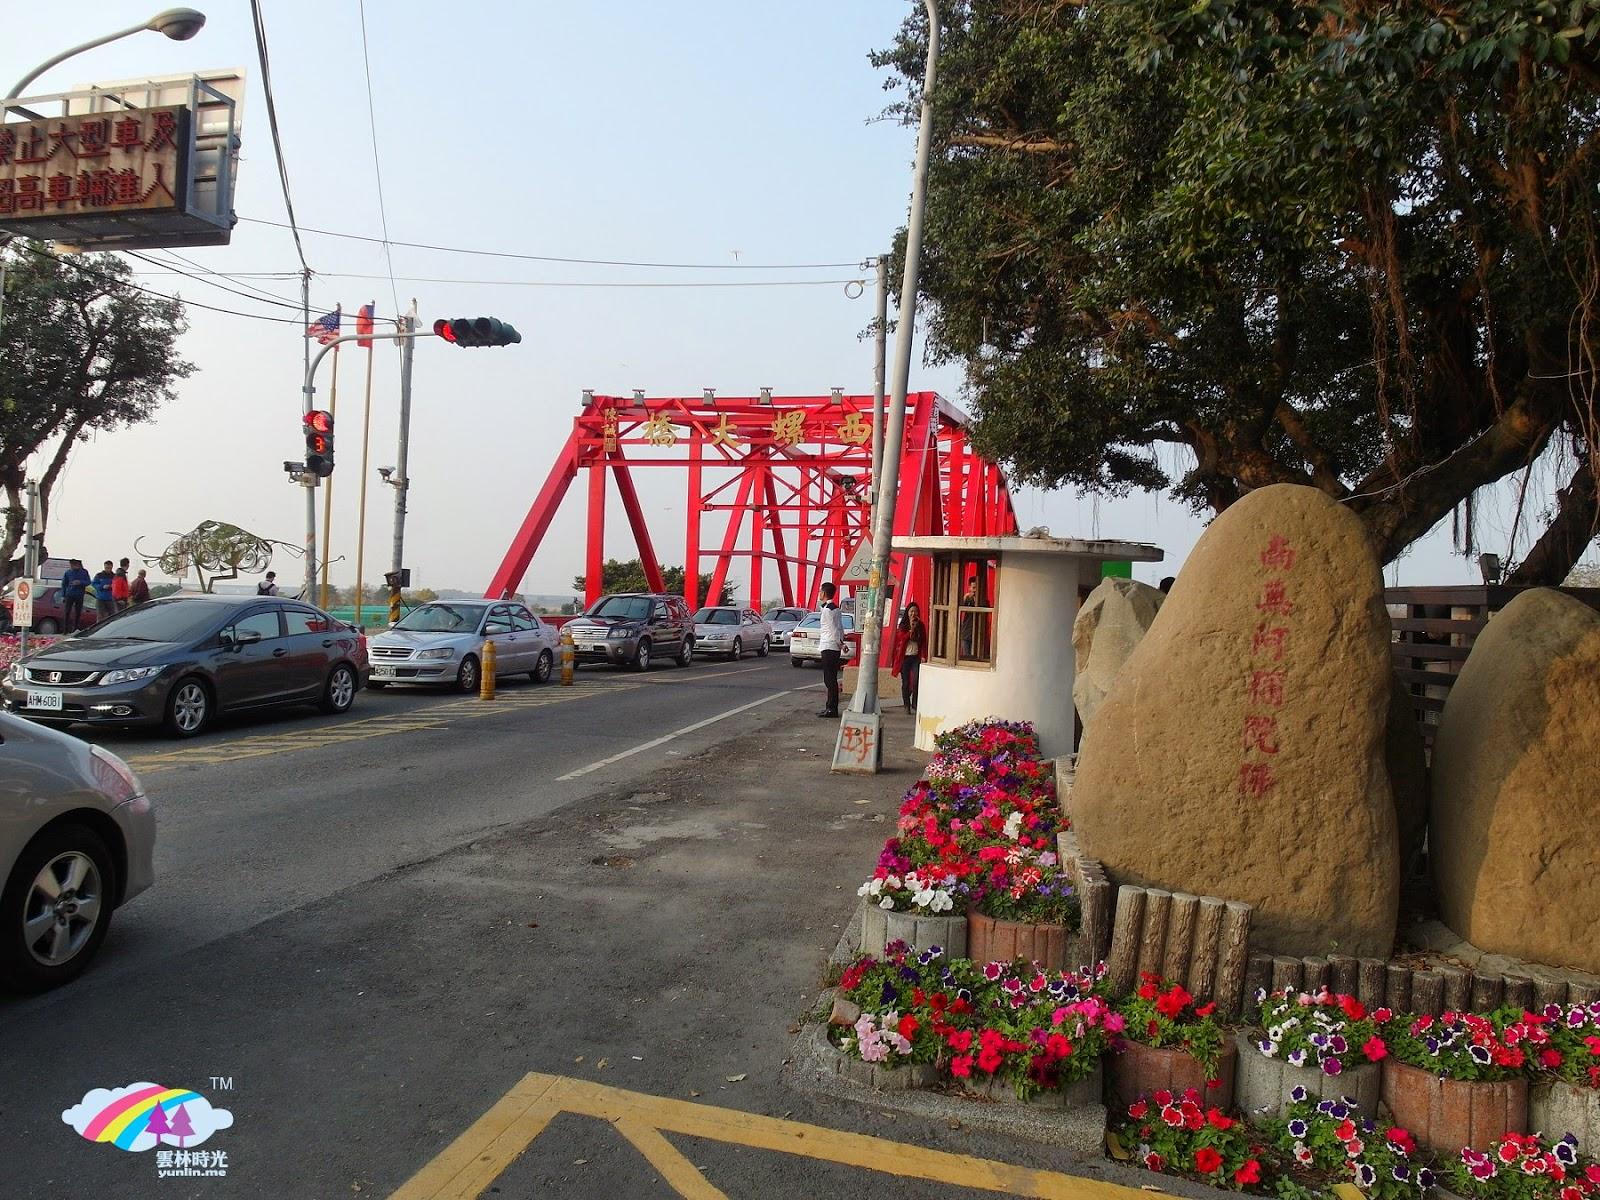 西螺-曾為遠東第一大橋之西螺大橋 / 兒童藝術城堡之童心園 / 橋下綠化自行車道之雲林綠廊